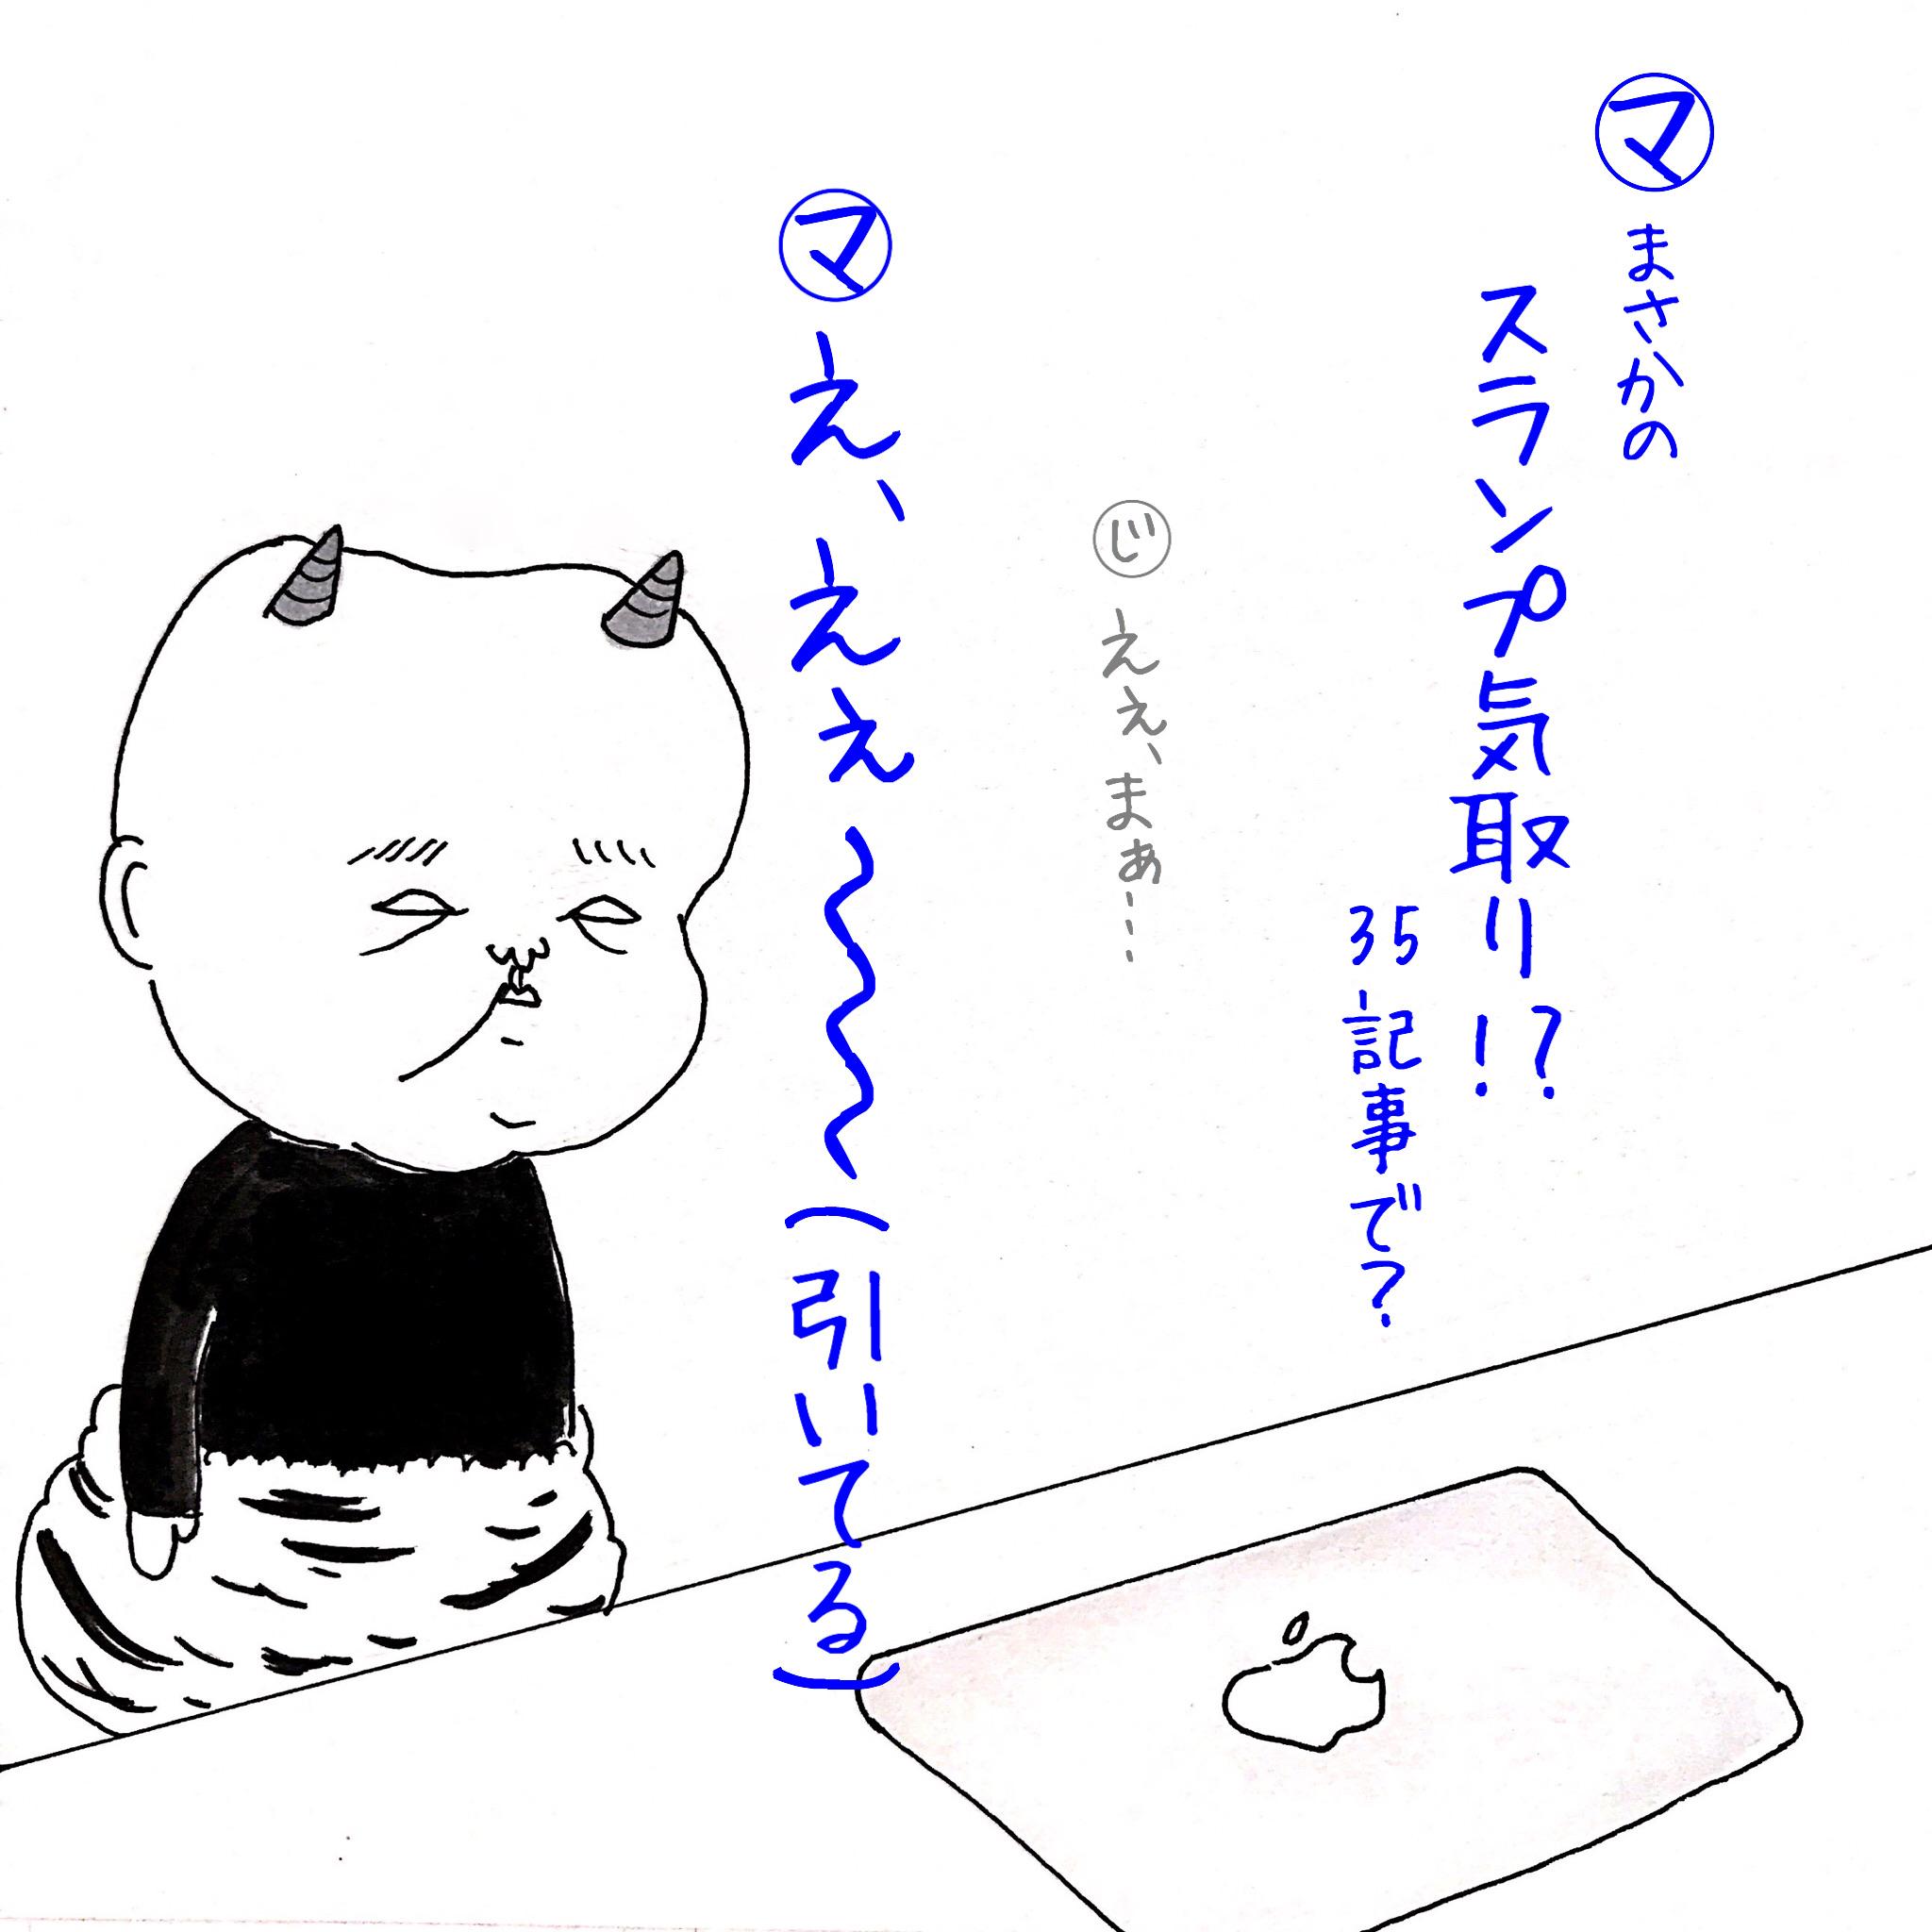 テレパシー会話漫画11